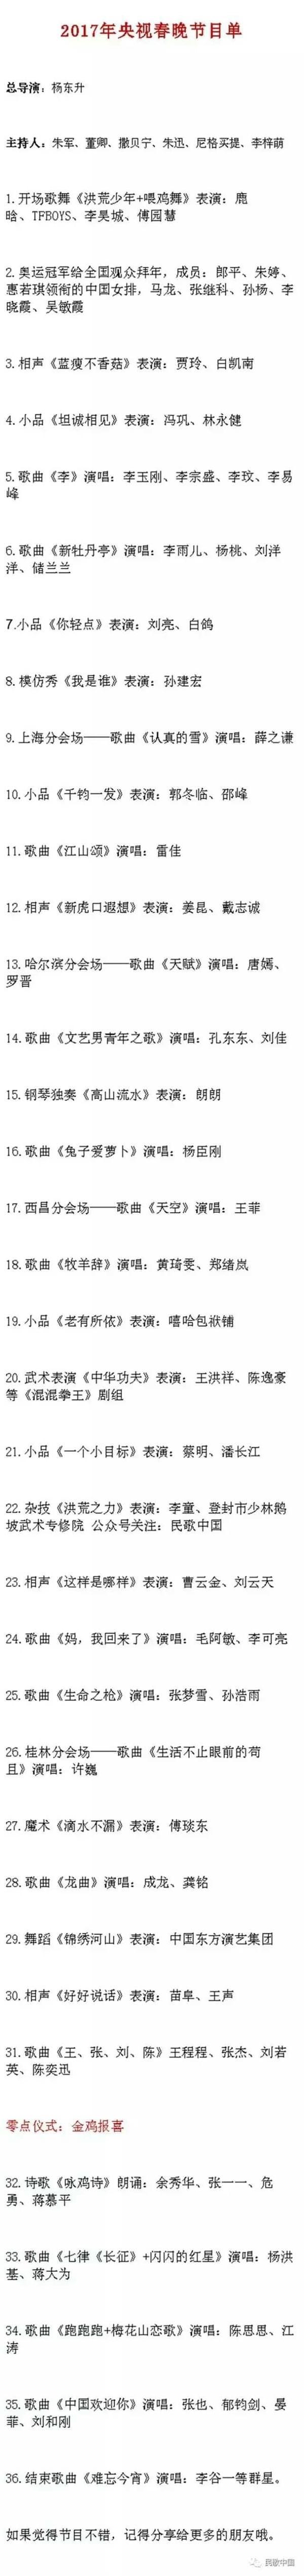 央视编导曝光2017鸡年春晚节目单公布 网络语言众多的照片 - 2